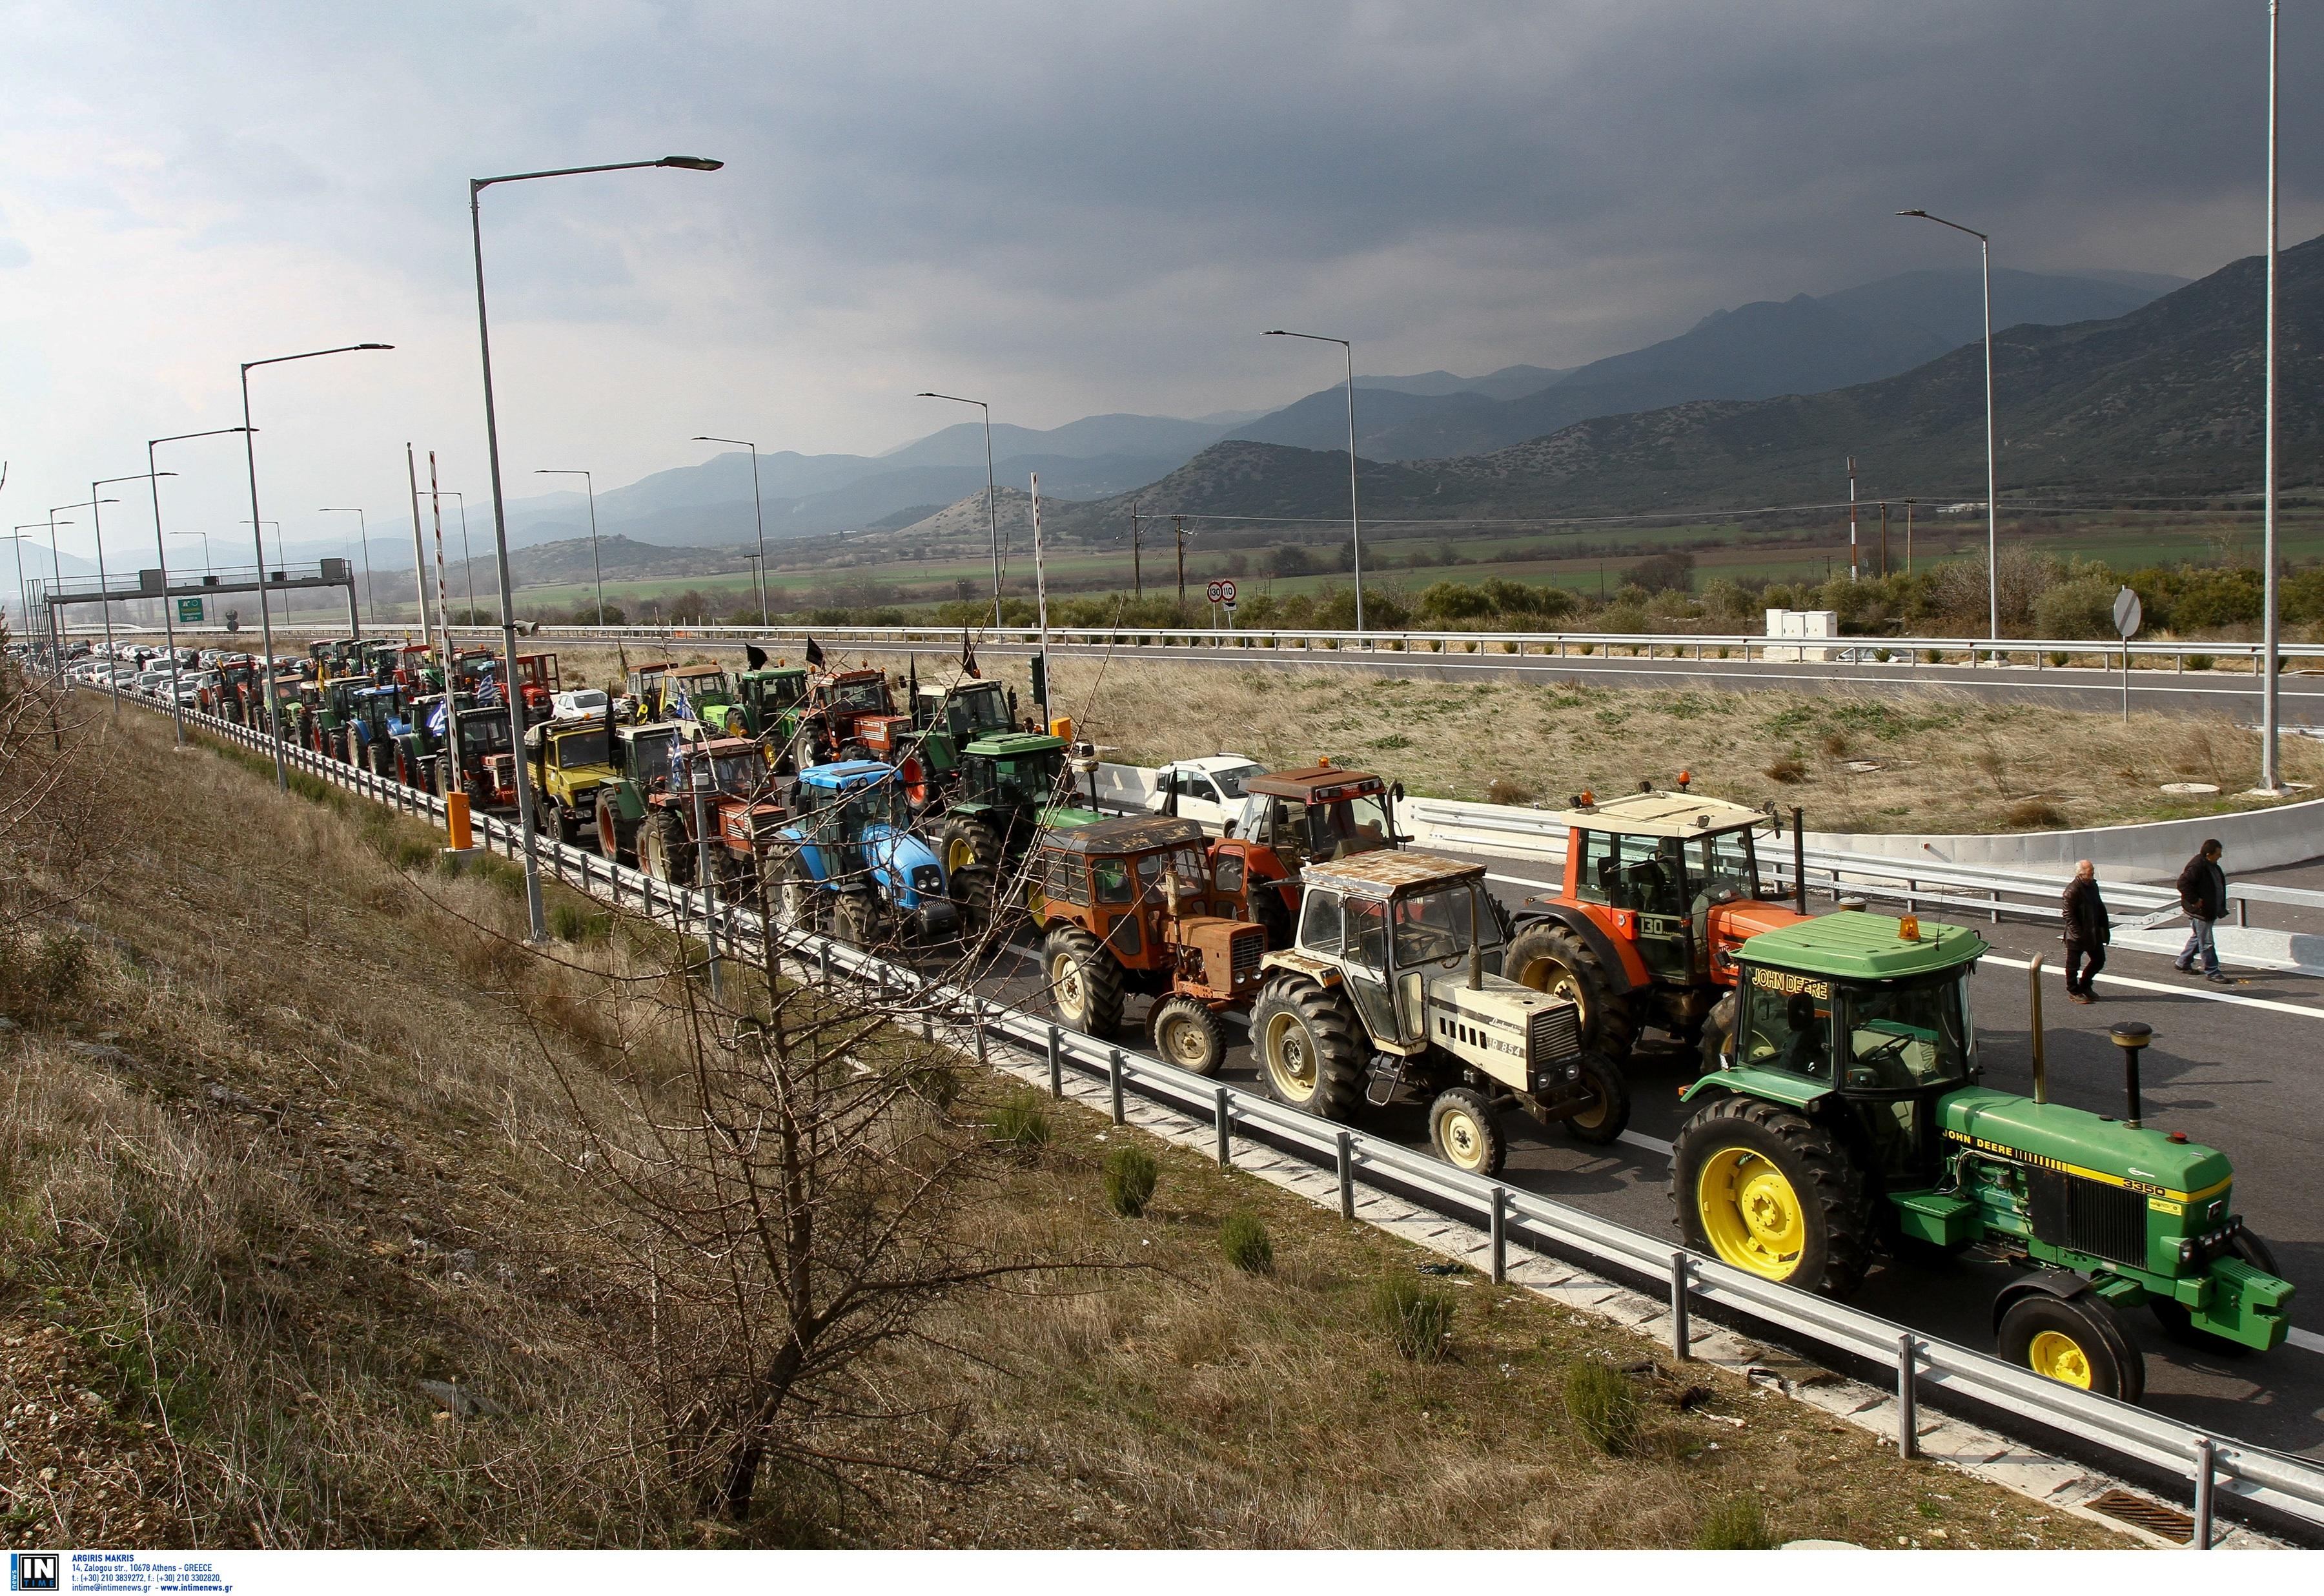 Οι αποφάσεις για το ασφαλιστικό των αγροτών – Τι θα ισχύσει τελικά για τις εισφορές